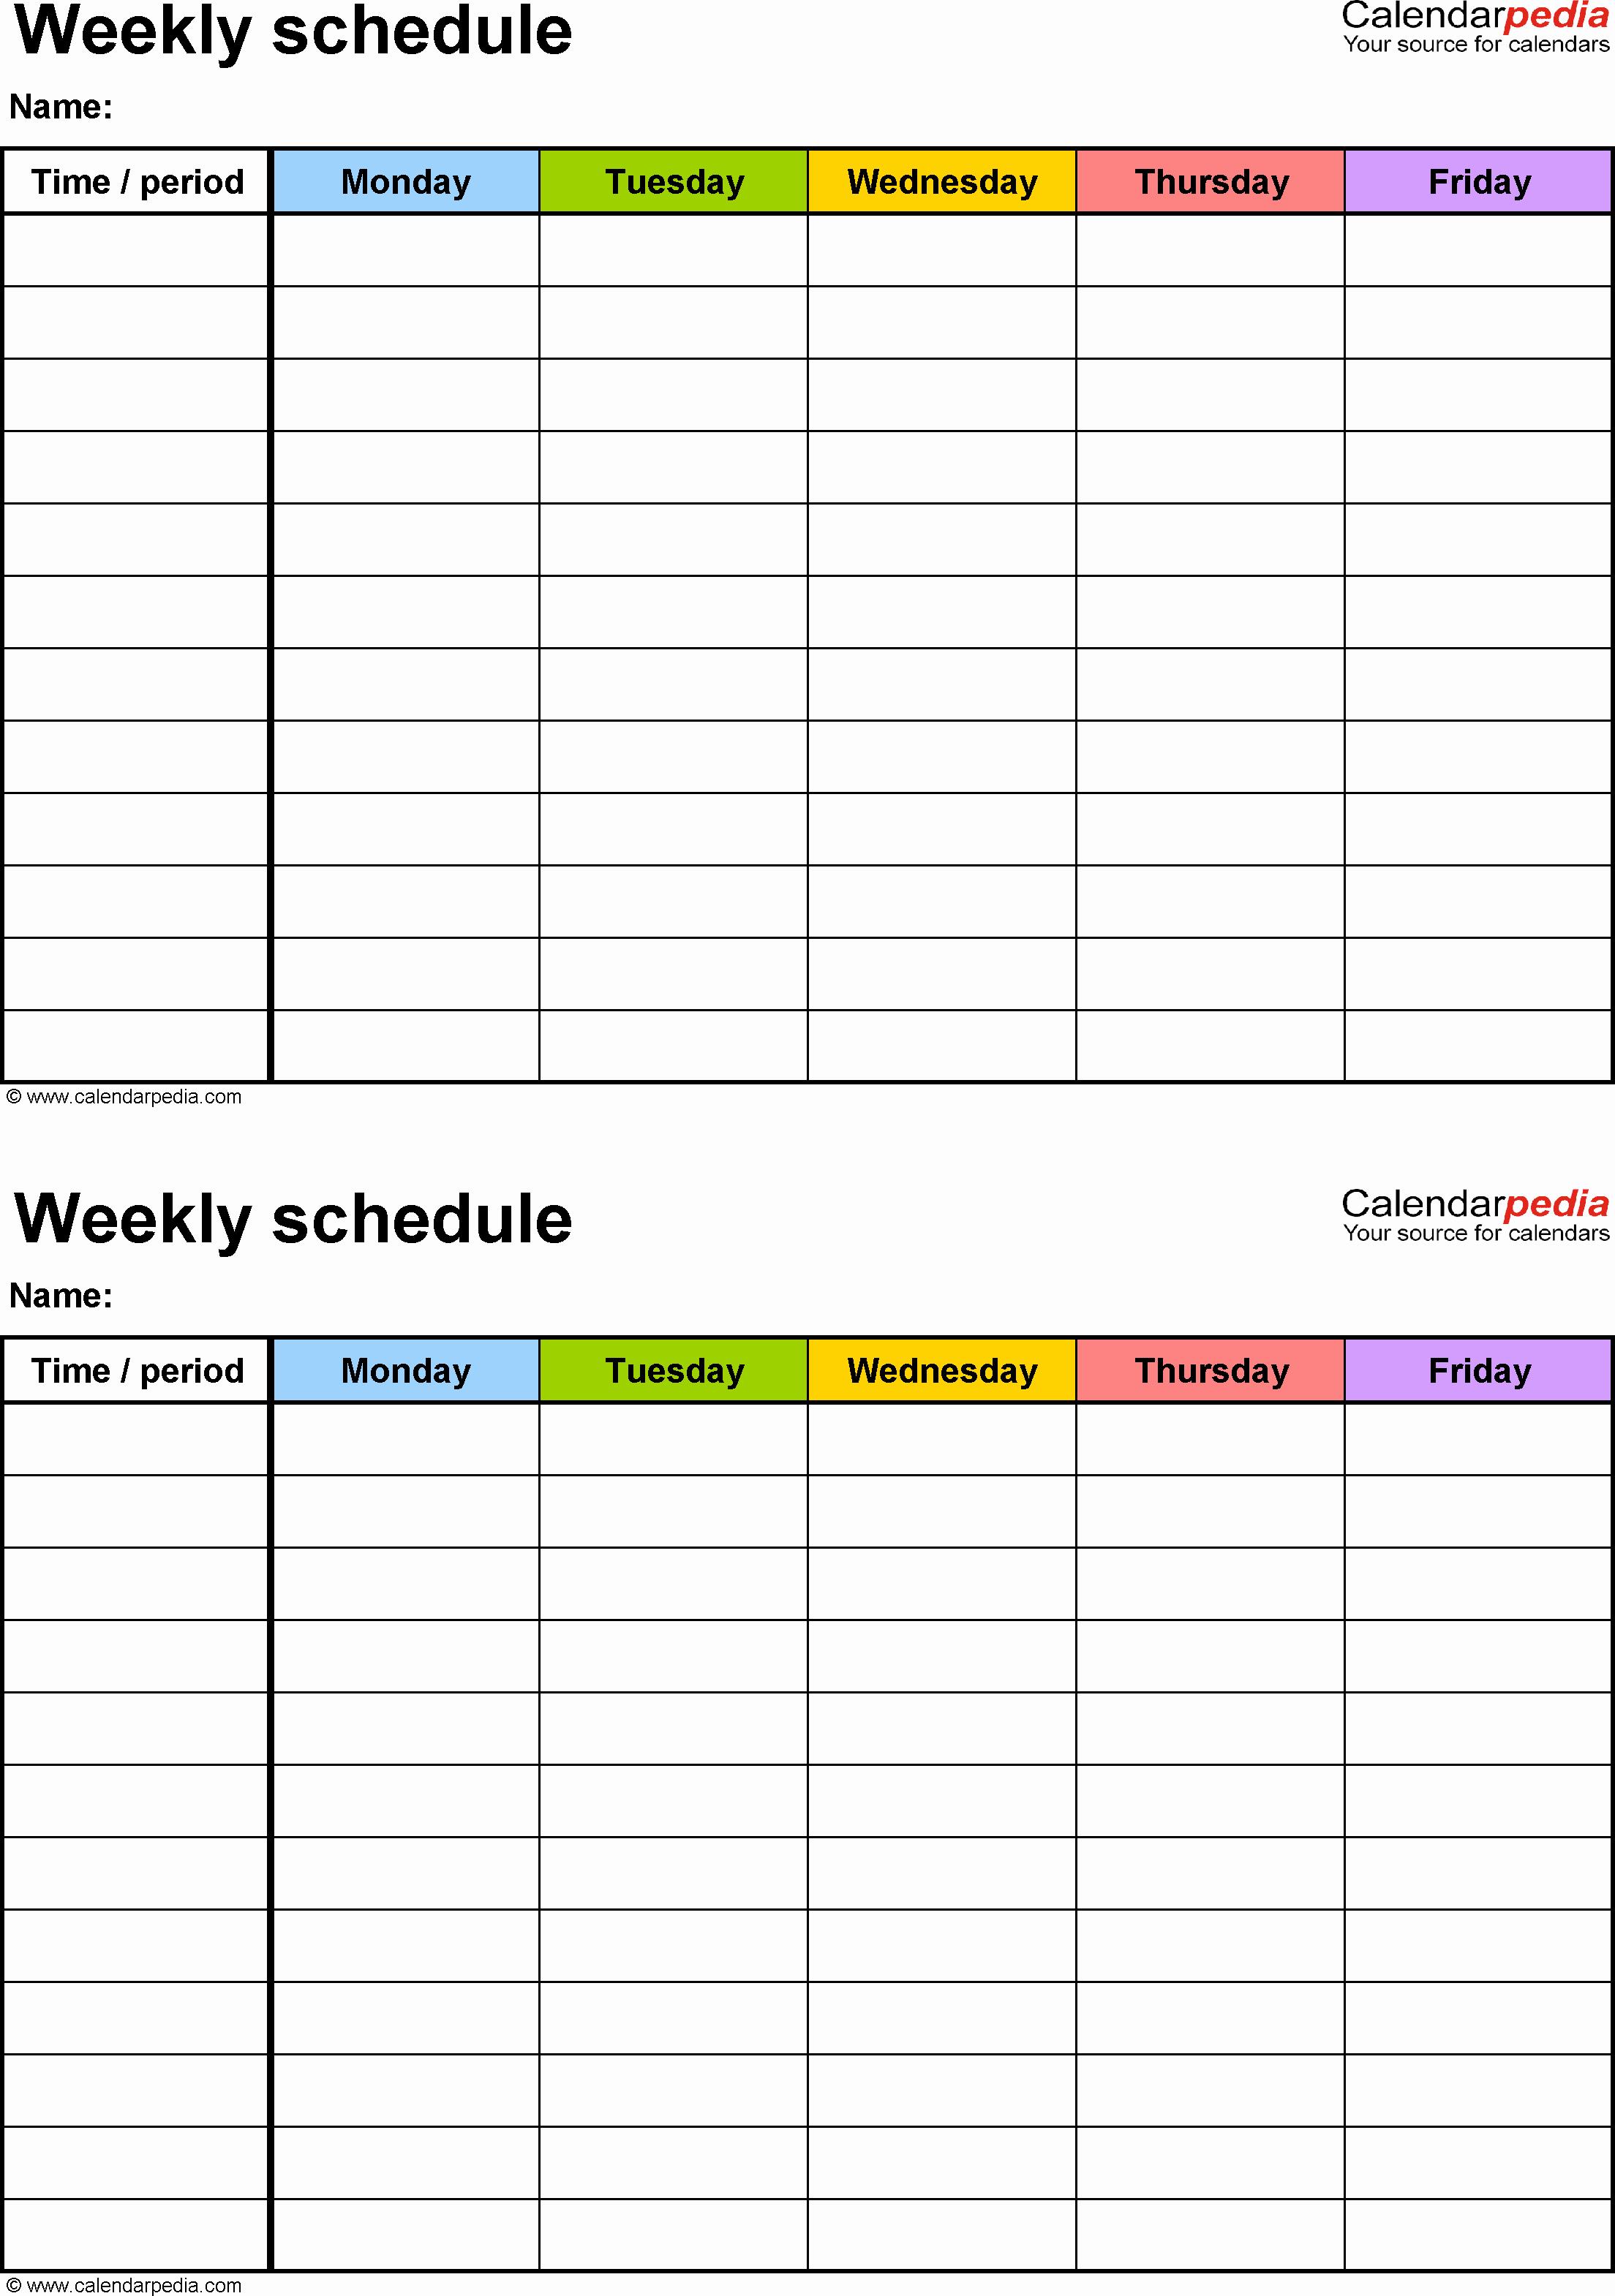 Week Schedule Template Pdf Luxury Weekly Schedule Template for Pdf Version 3 2 Schedules On